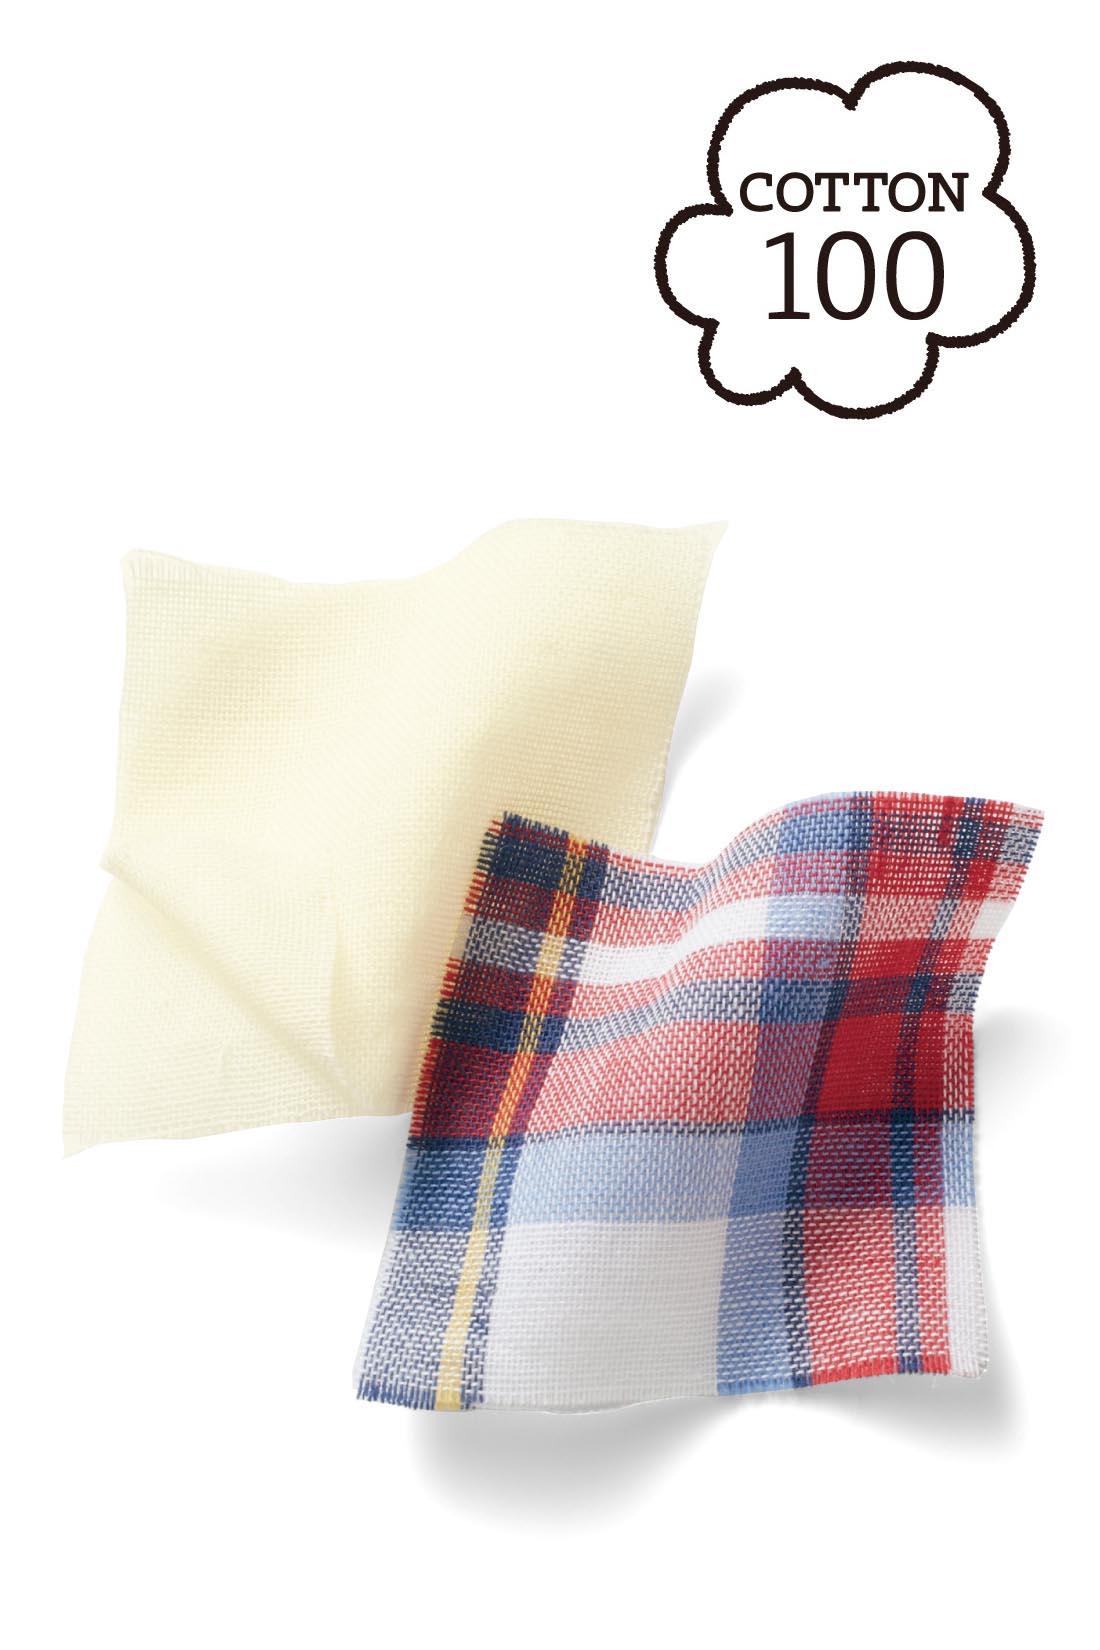 ガーゼ素材を二層に重ねた綿100%のダブルガーゼ素材。空気を含んだようなふっくらとした肌ざわりで、洗うほどに心地よい風合いに。ノンアイロンでもラフに決まるから、お手入れもらくちんです。